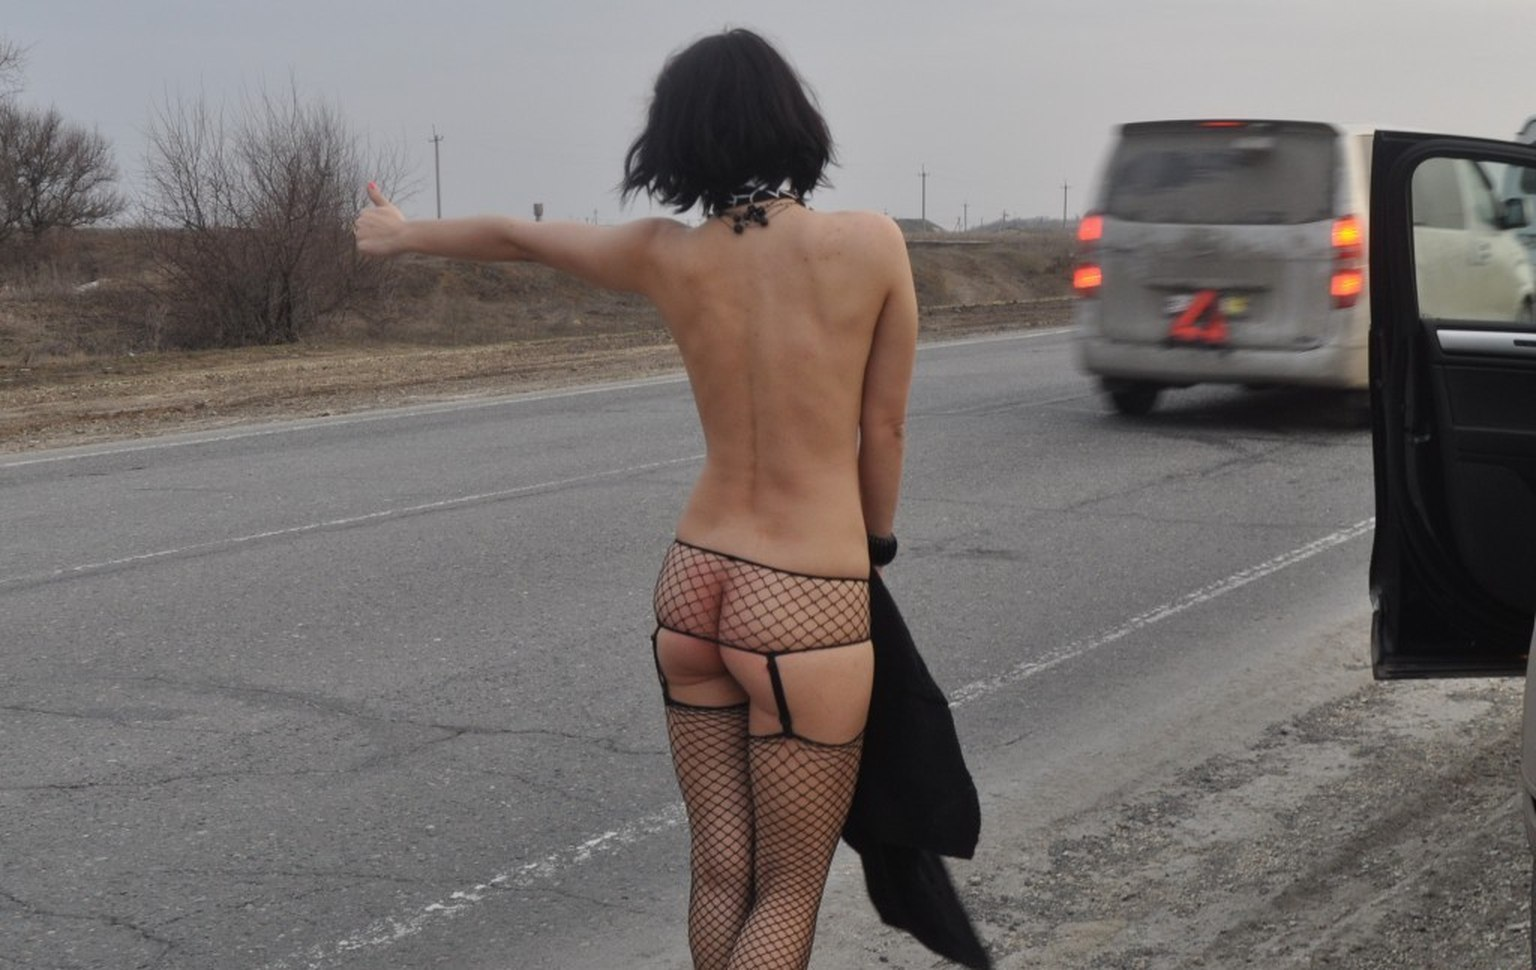 Проститутки на дорогах тюмени снять проститутку в городе серпухове